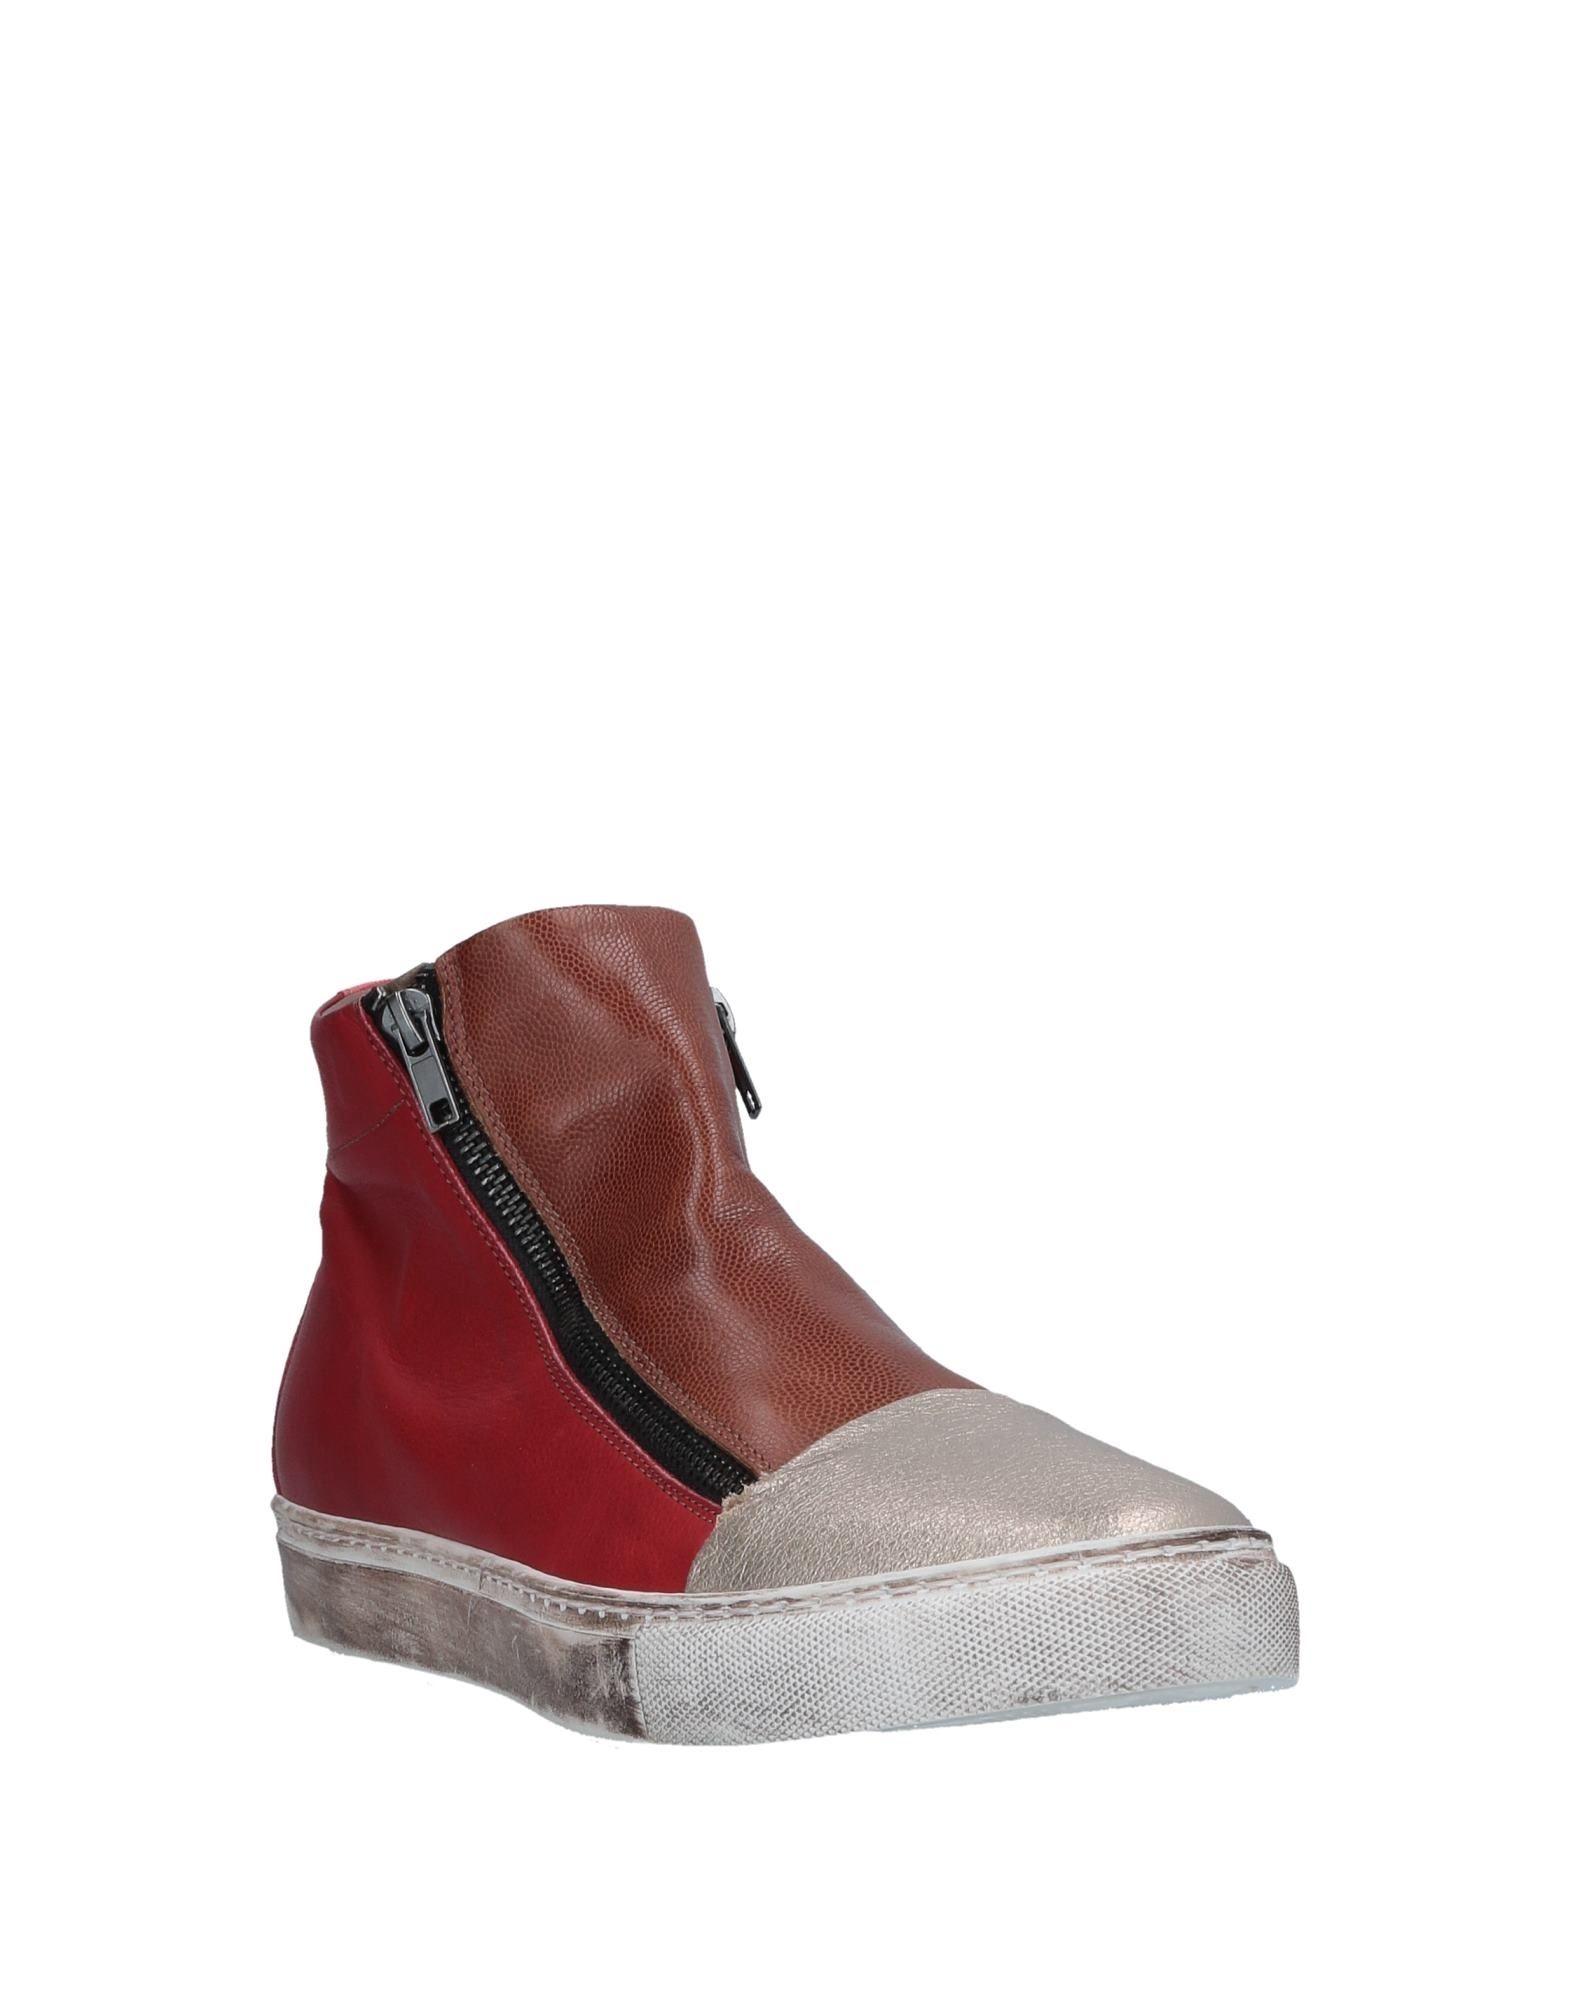 Rabatt Herren echte Schuhe Ebarrito Sneakers Herren Rabatt  11525526WS 742343